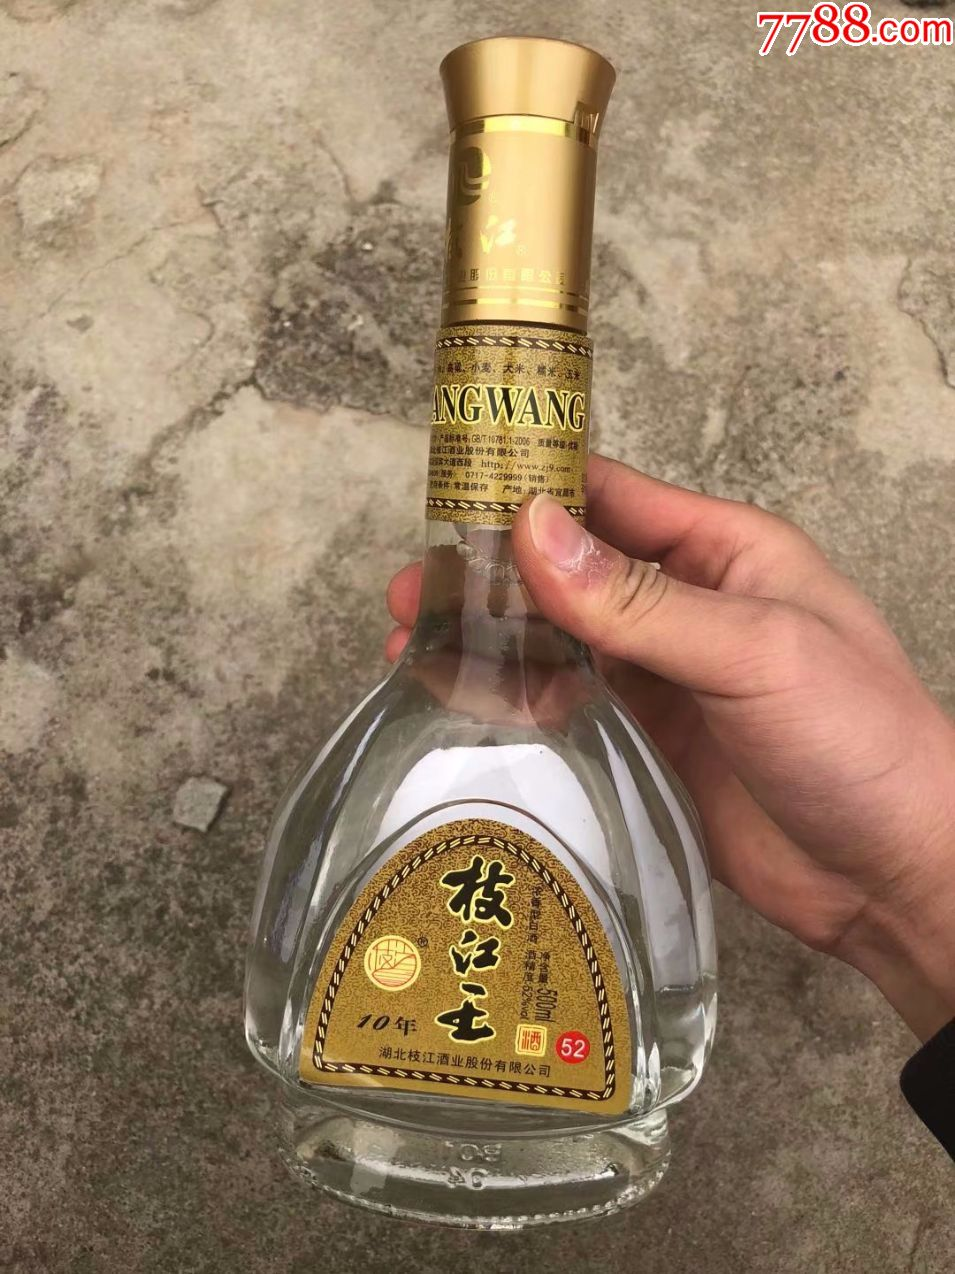 2014年湖北枝江王老酒1瓶5年老酒陈酒纯粮酿